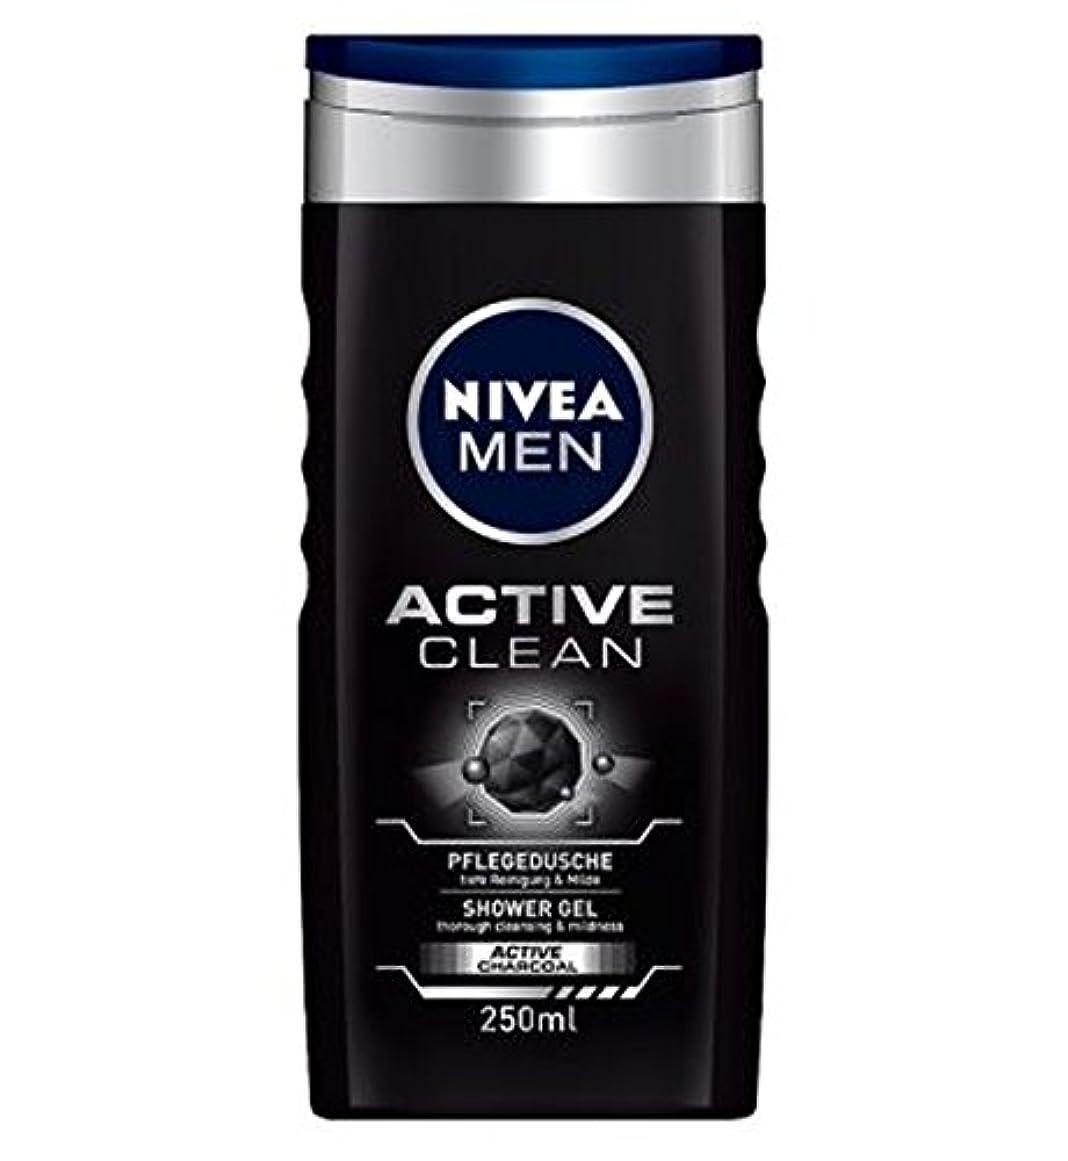 せがむ適用する食料品店NIVEA MEN Active Clean Shower Gel 250ml - ニベアの男性アクティブクリーンシャワージェル250ミリリットル (Nivea) [並行輸入品]